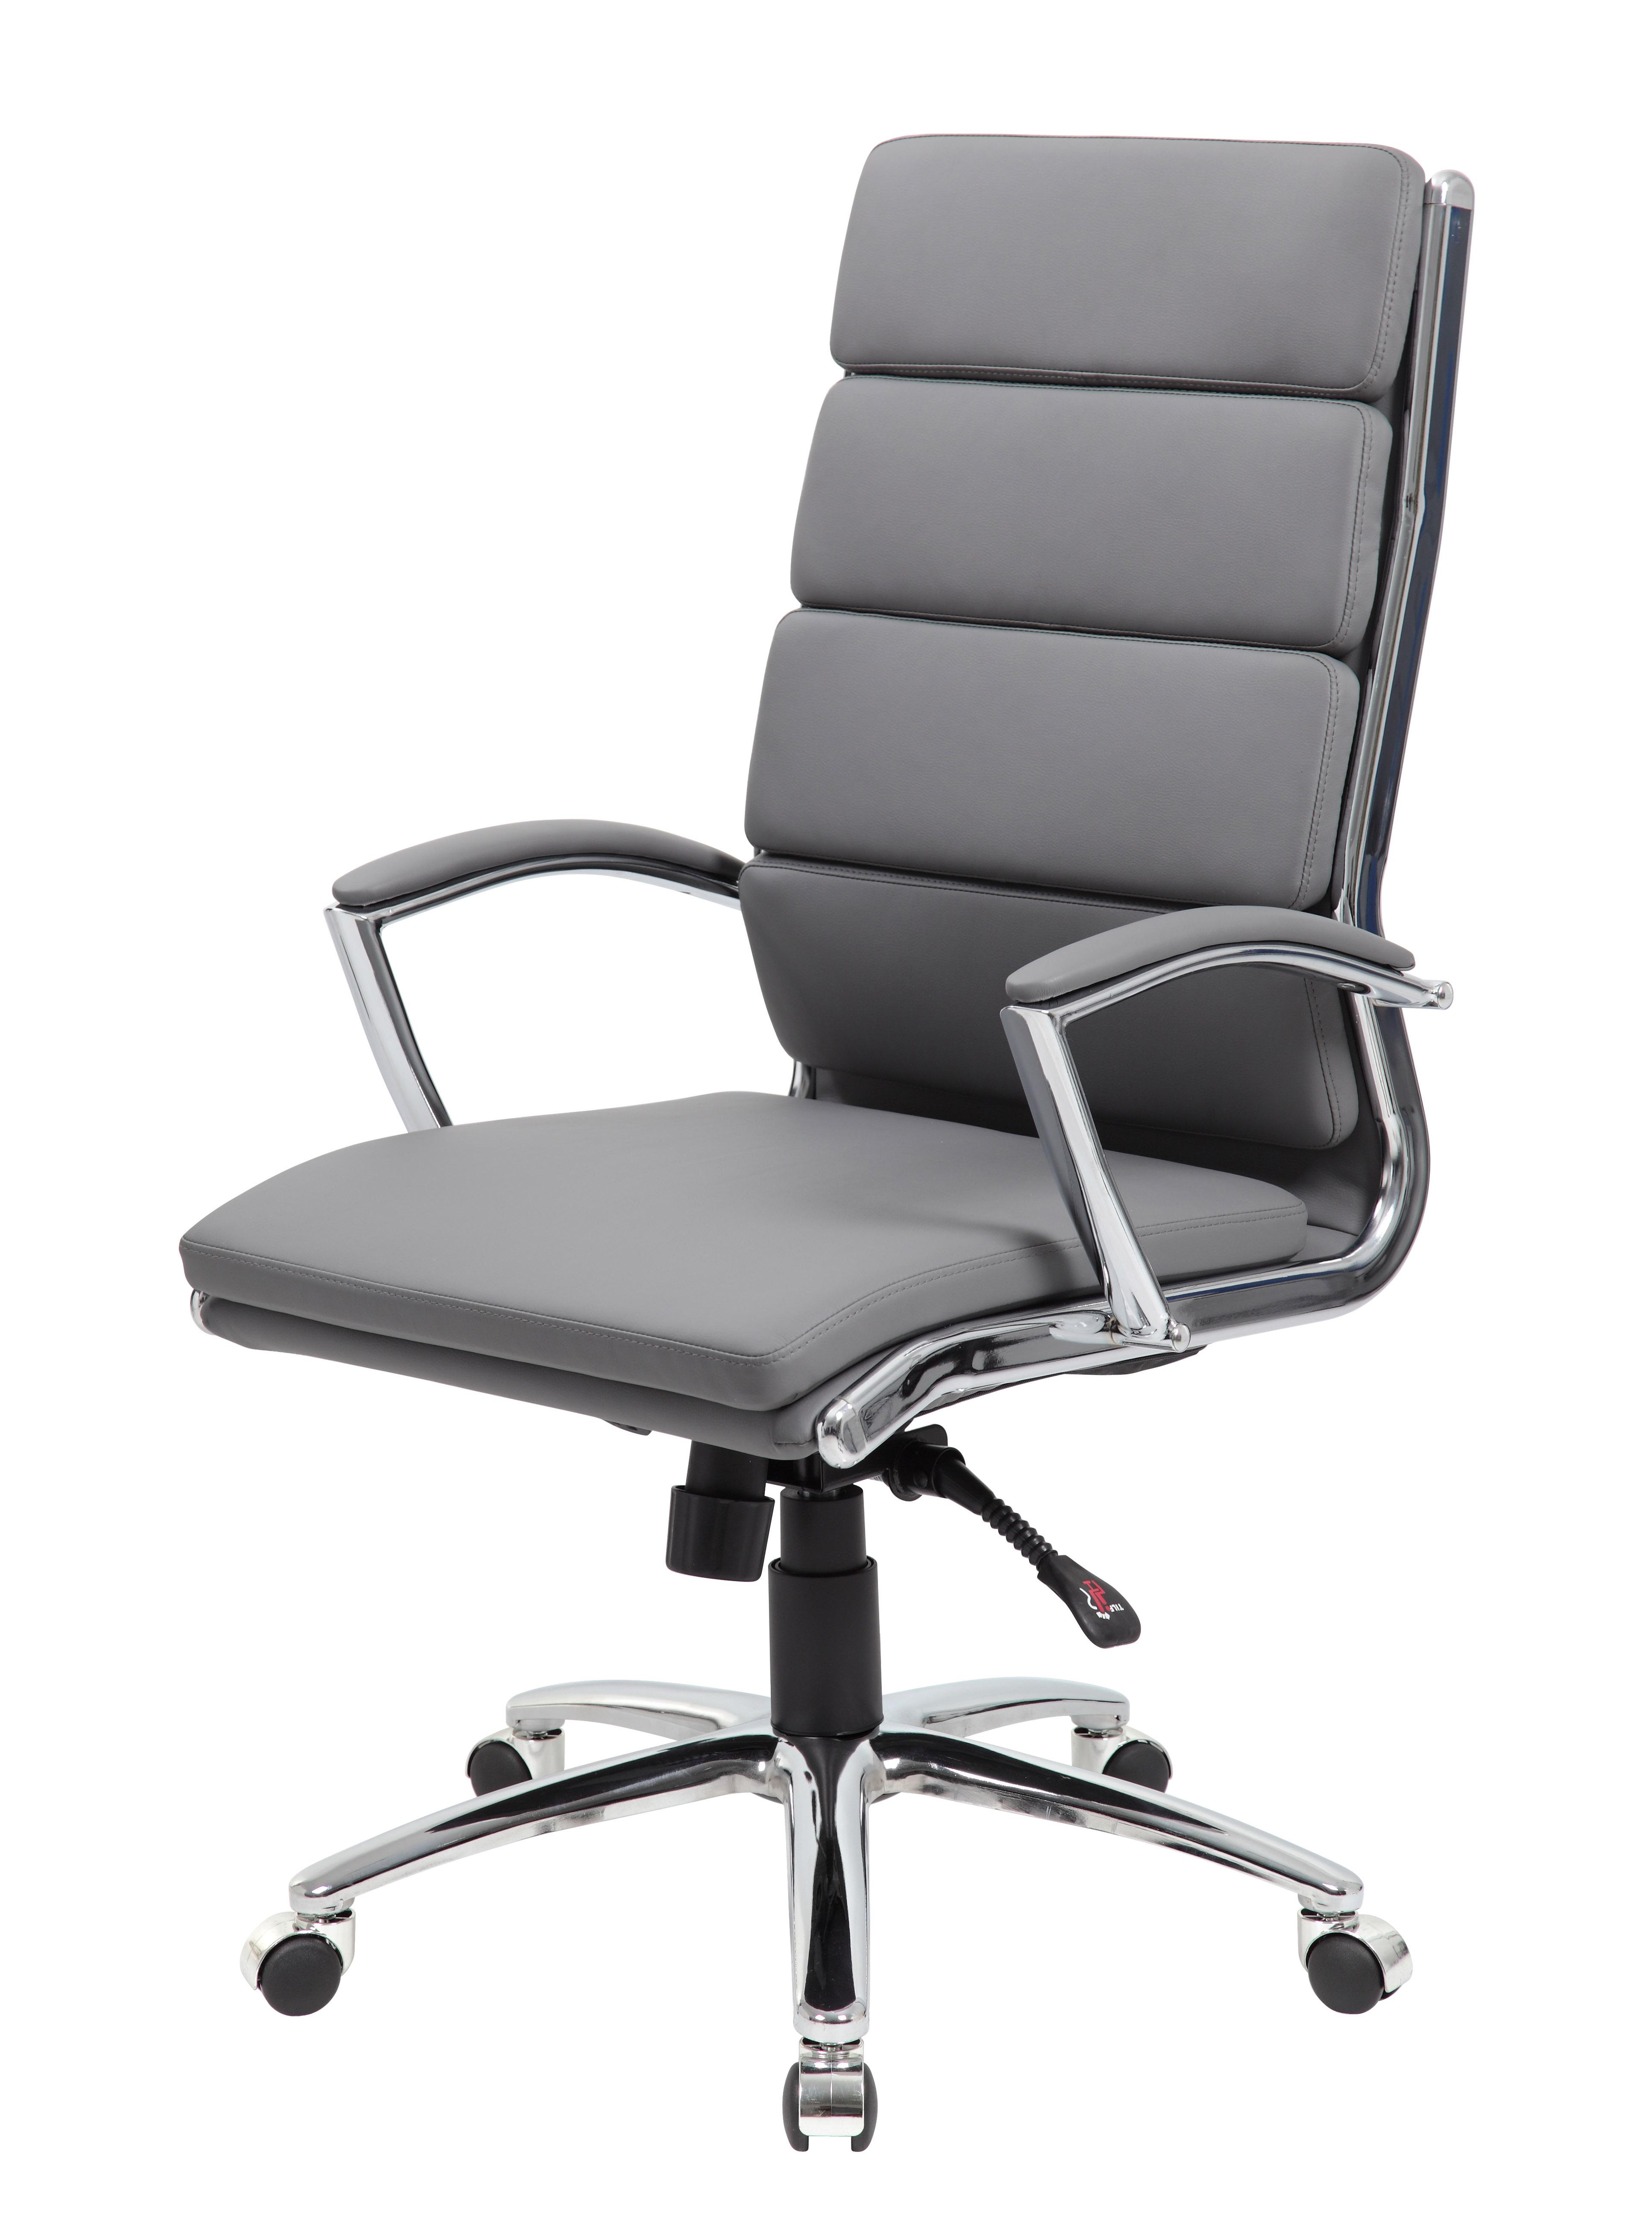 Boss Caressoftplus Executive Chair Bosschair